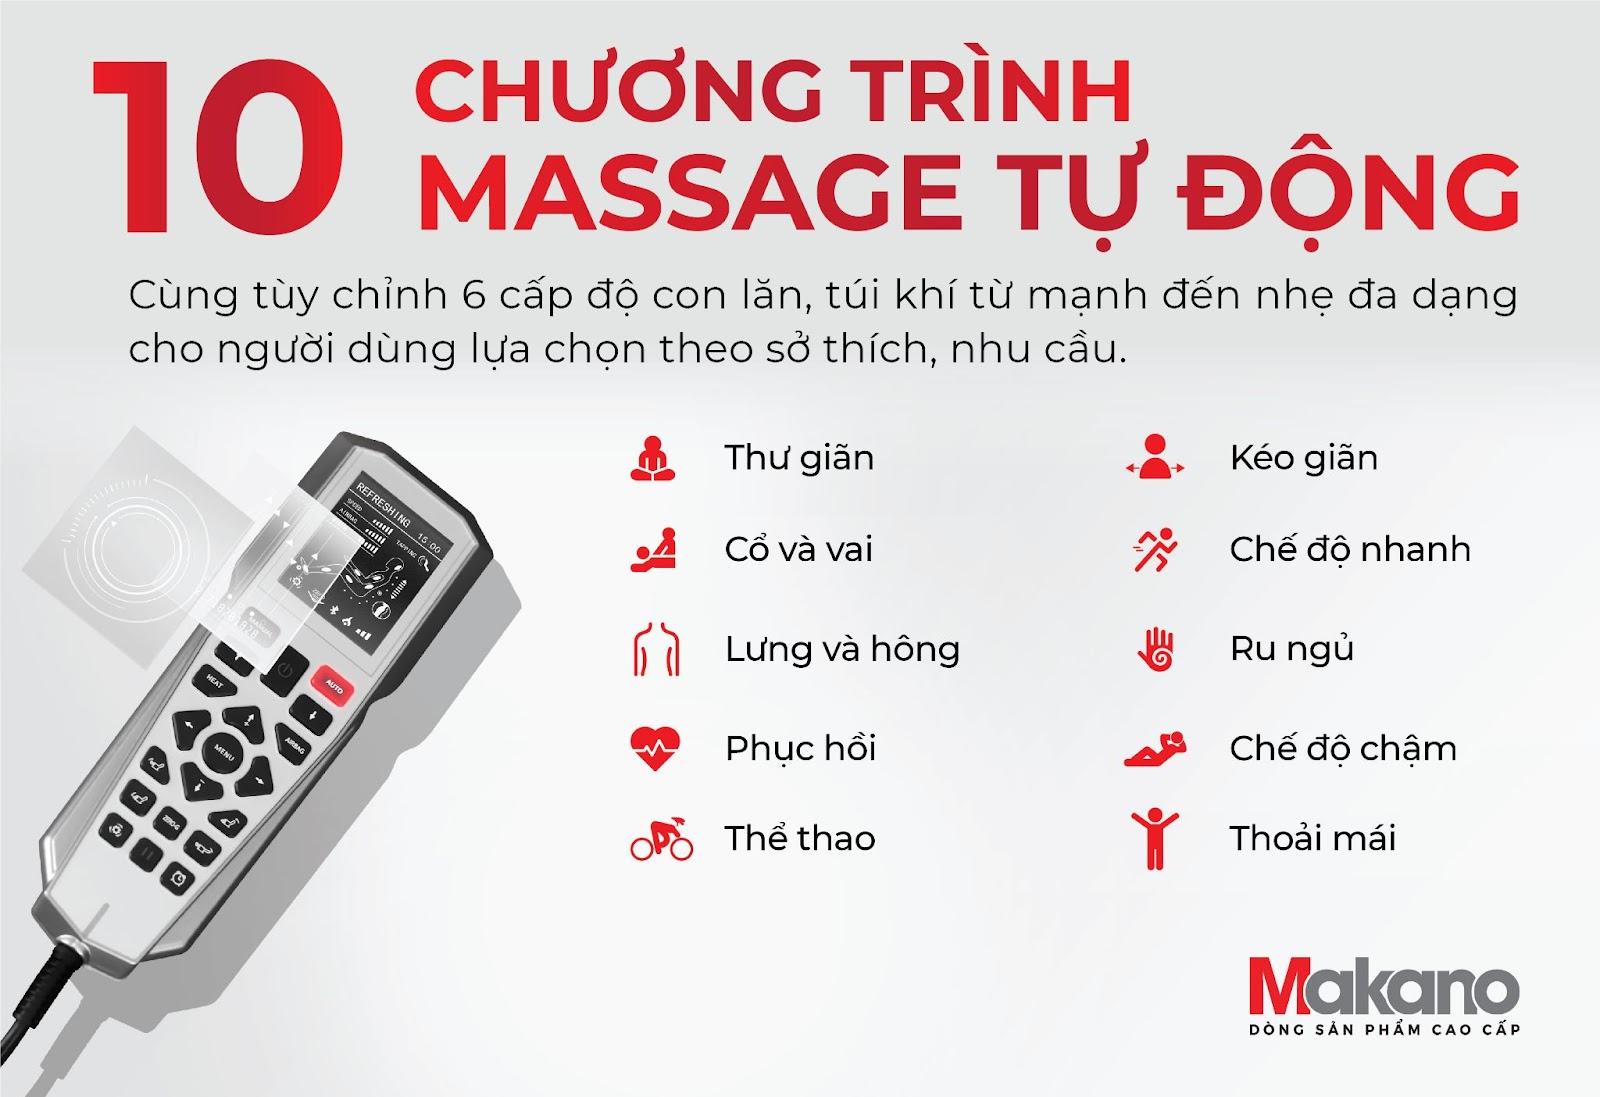 Chương trình massage dễ dàng lựa chọn cho người sử dụng